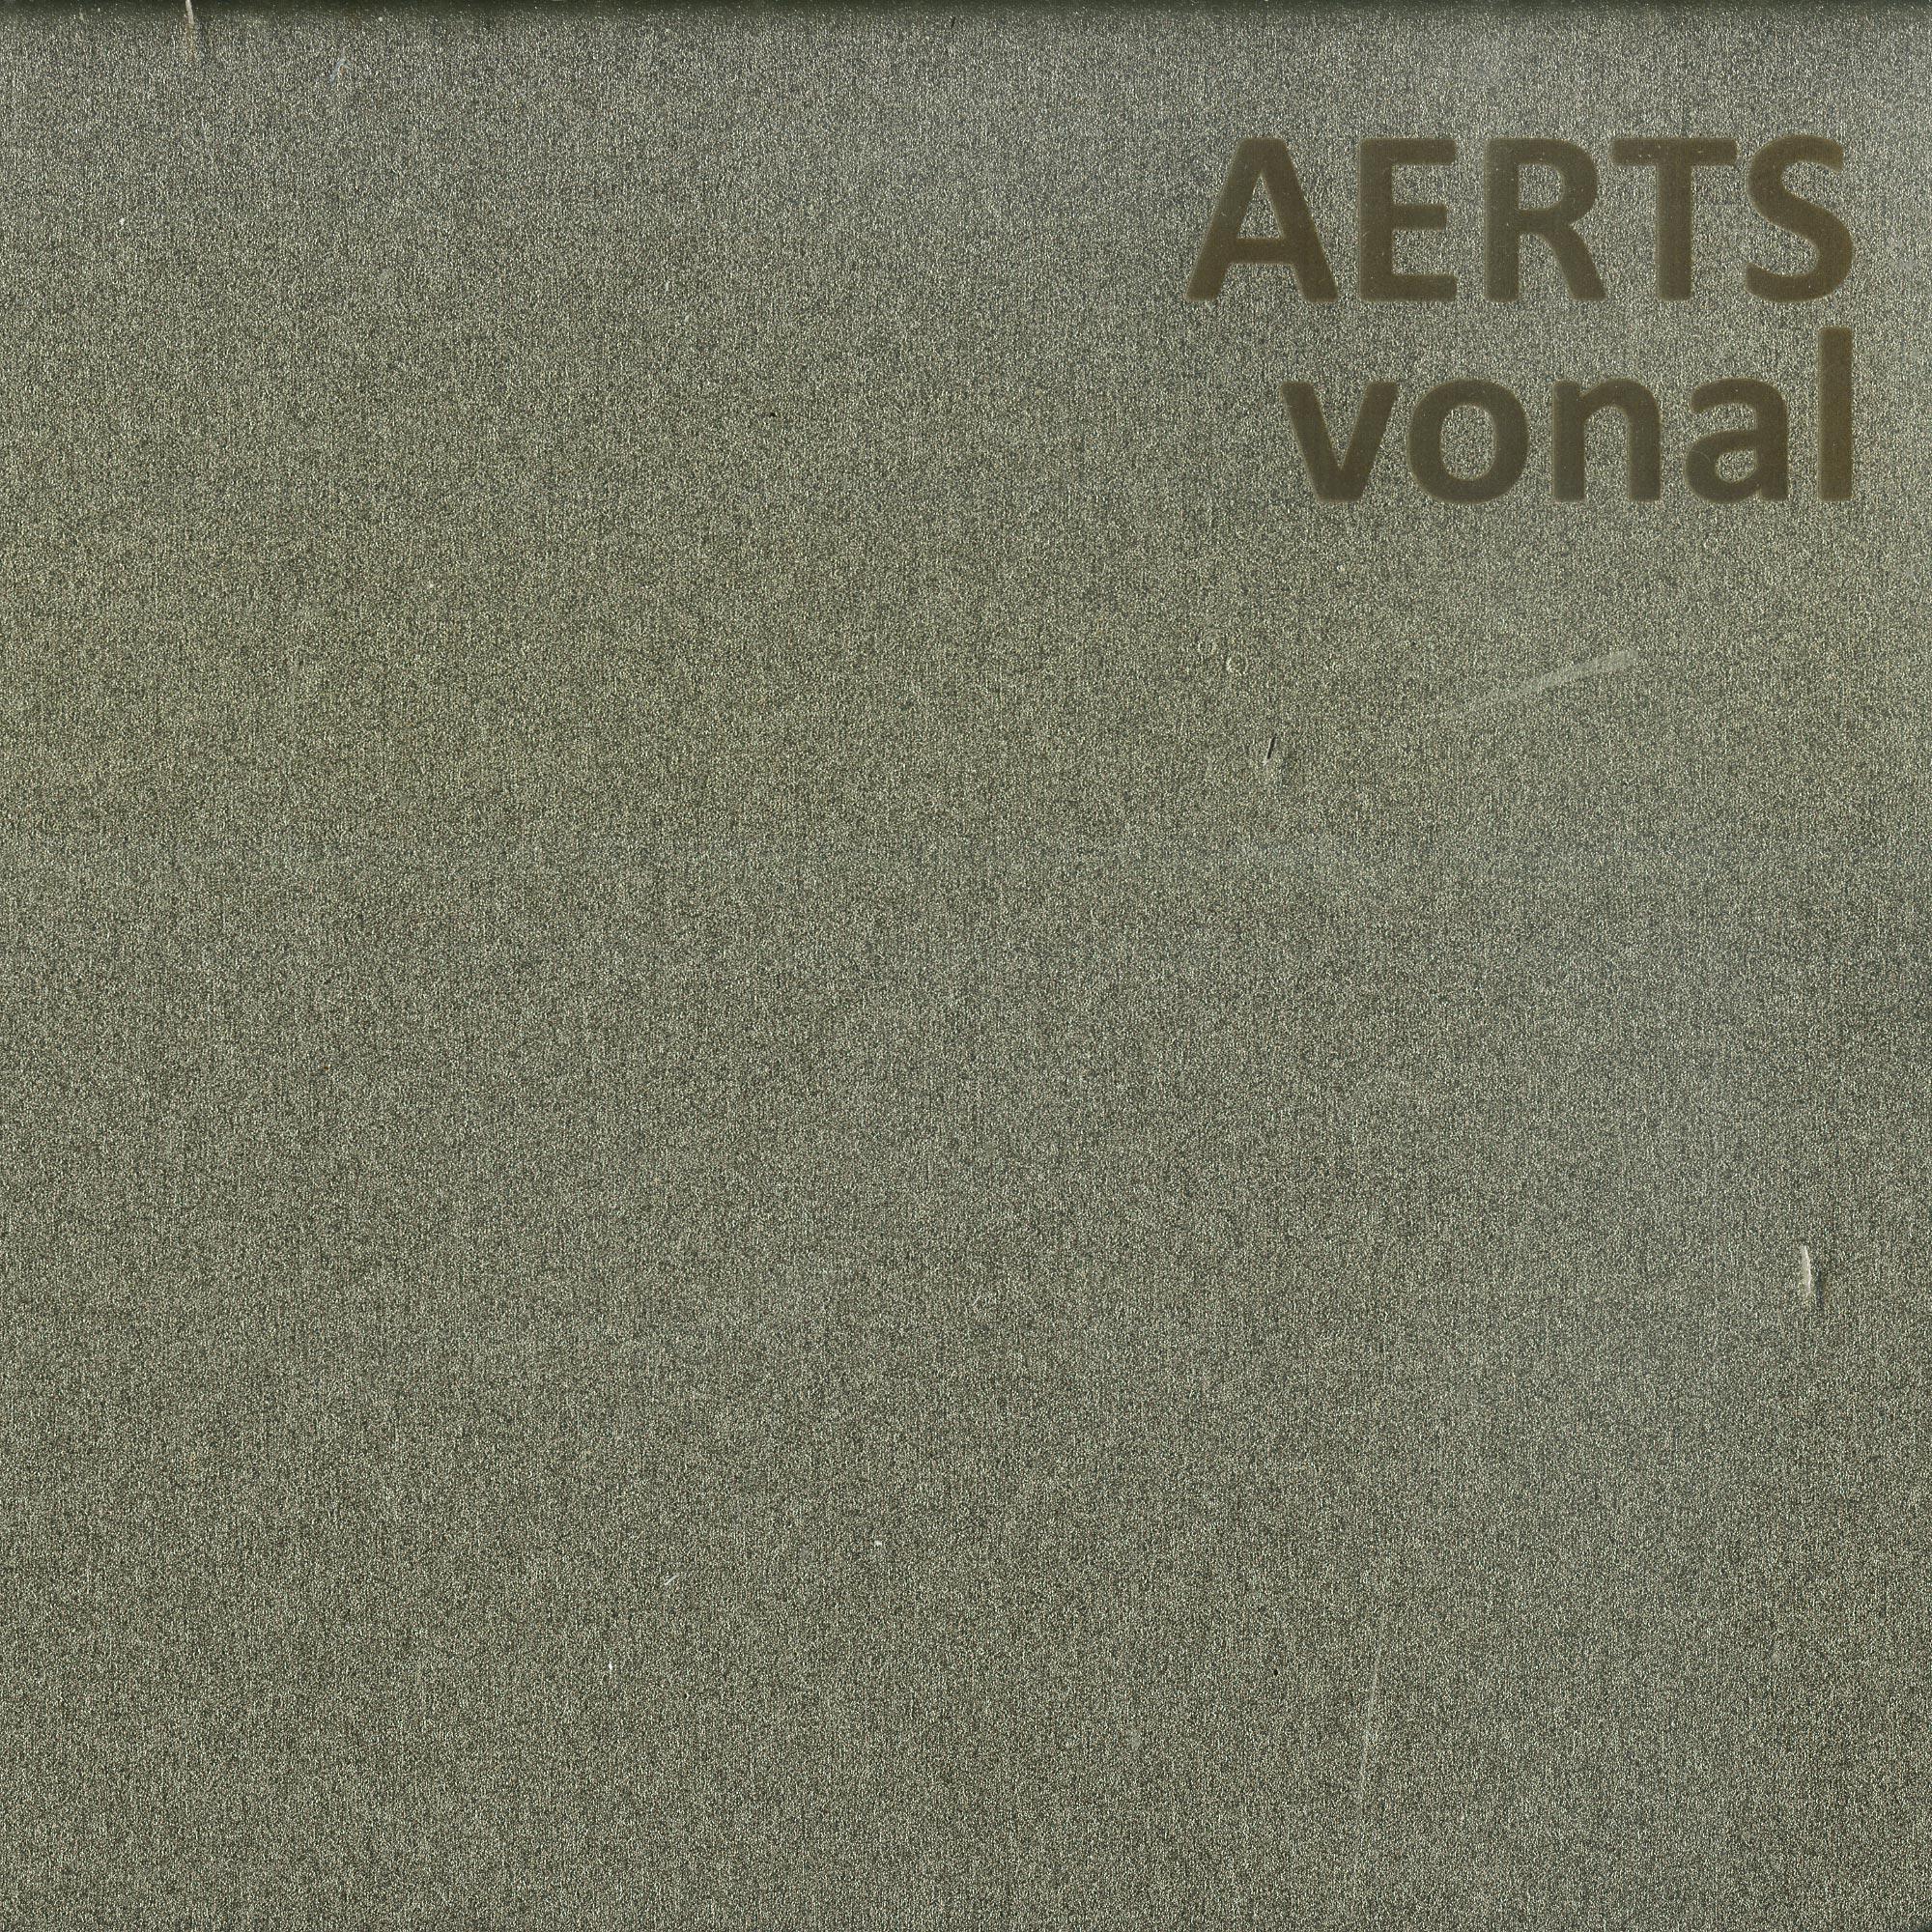 Aerts - VONAL